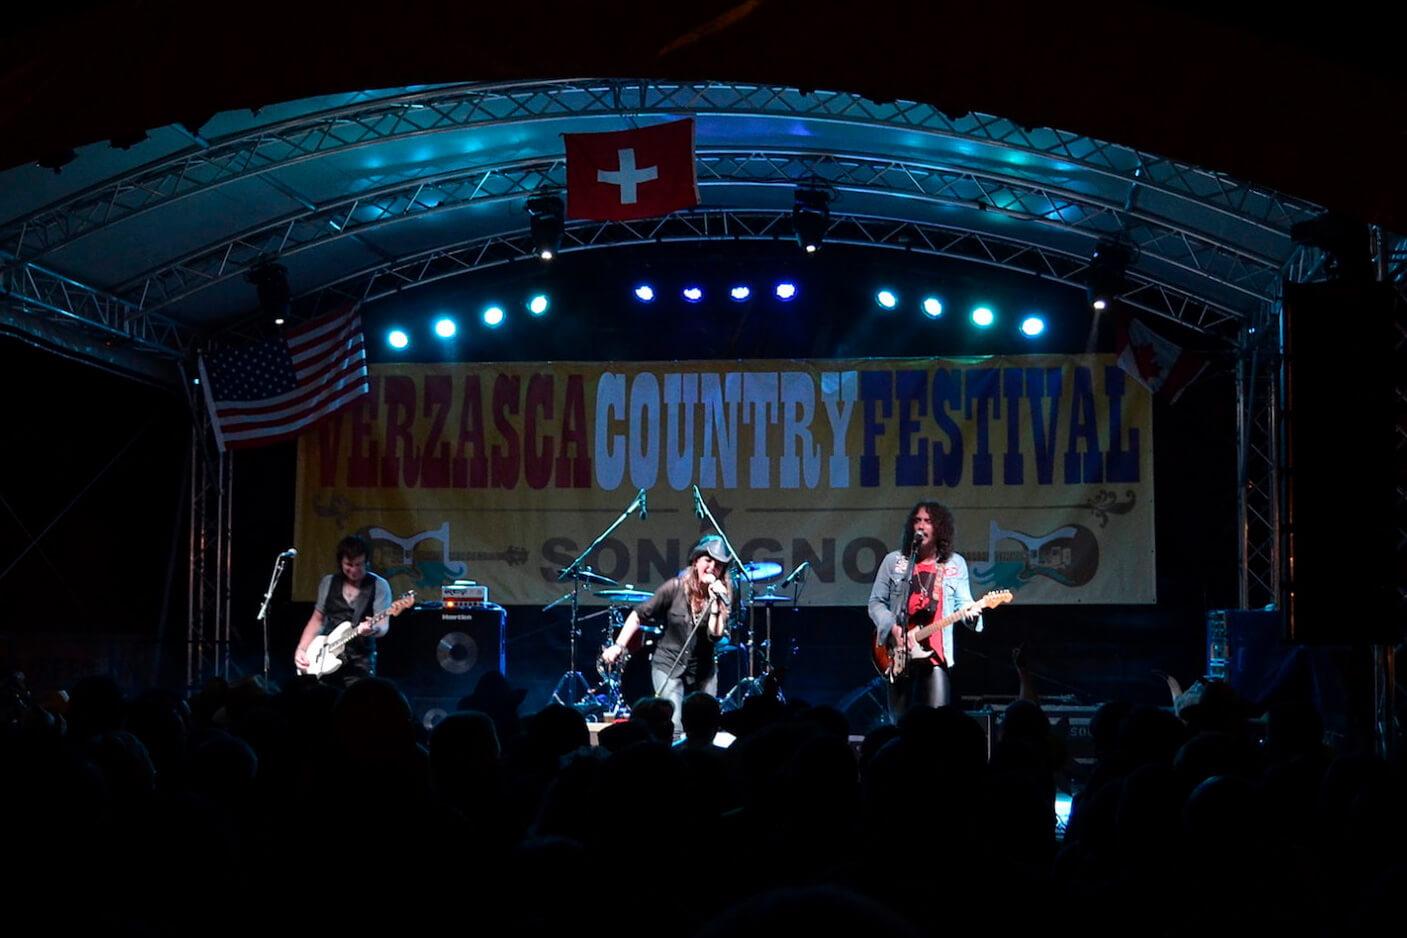 Verzasca Country Festival